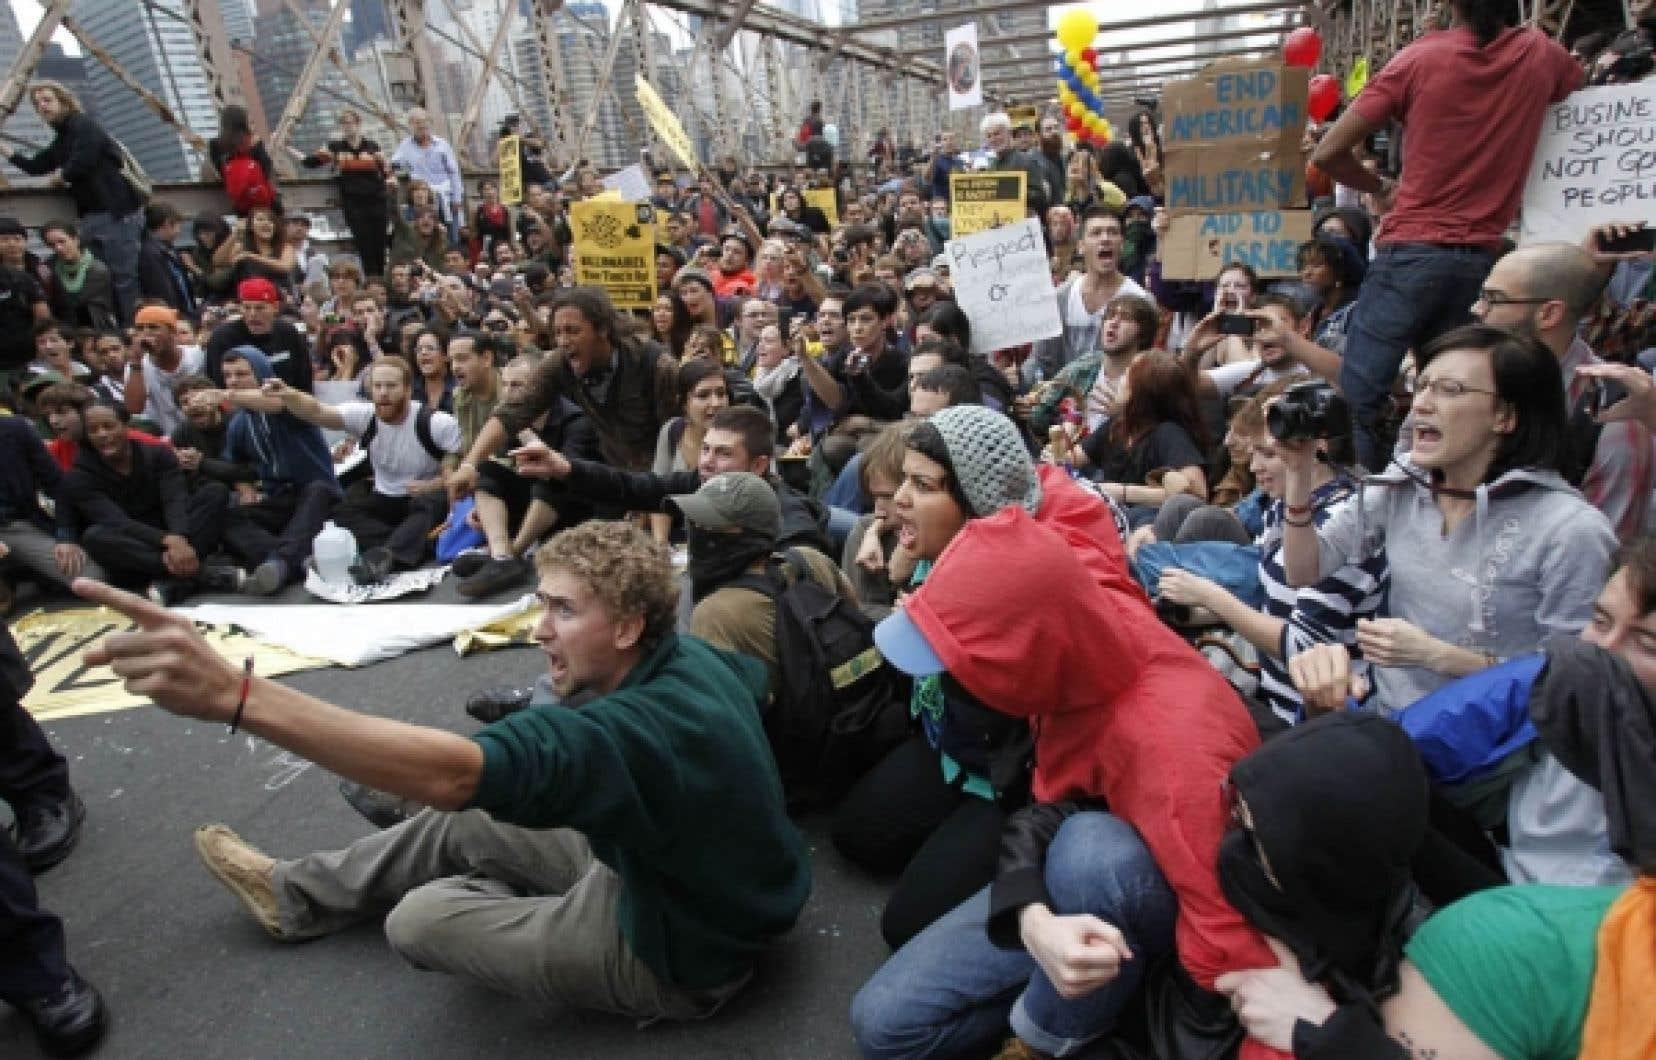 Sept cents personnes ont été arrêtées samedi pour avoir bloqué le pont de Brooklyn<br />